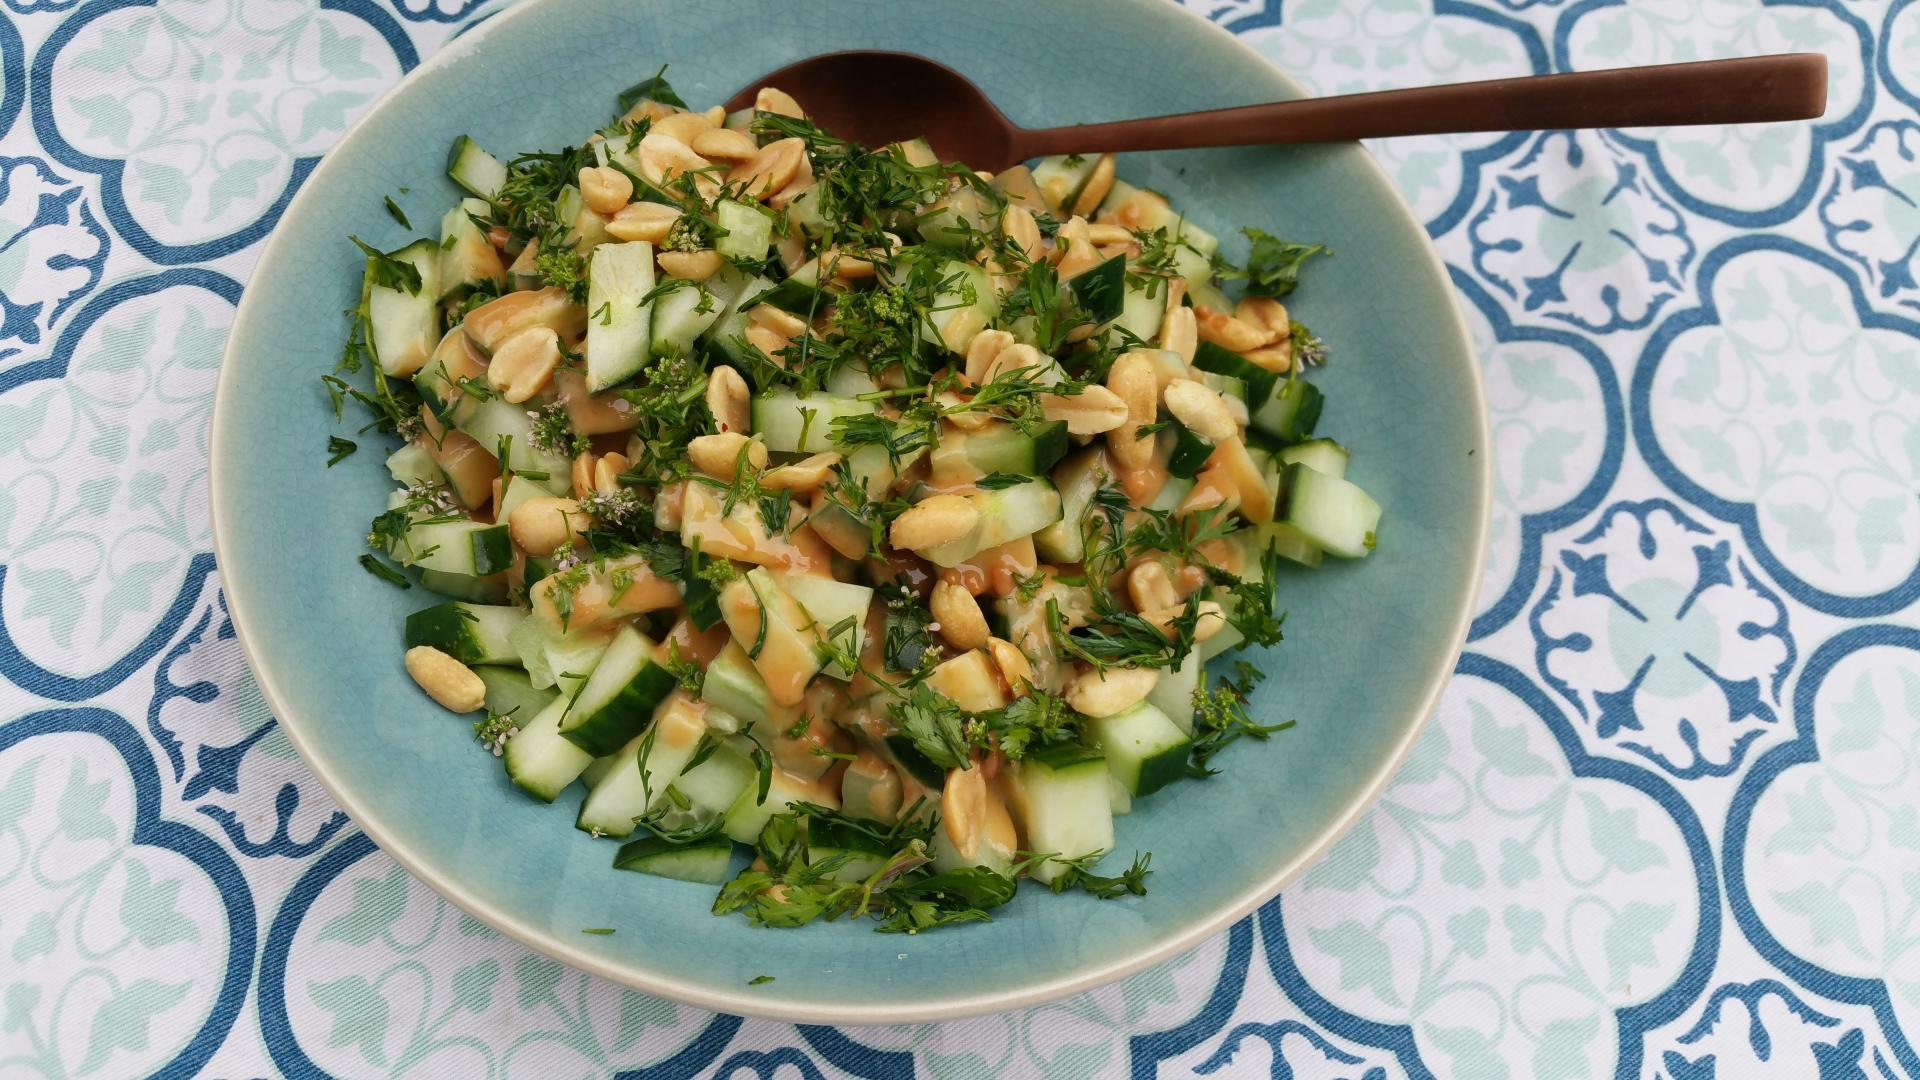 Uitgelichte foto voor het bericht Komkommer met pinda-koriander dressing